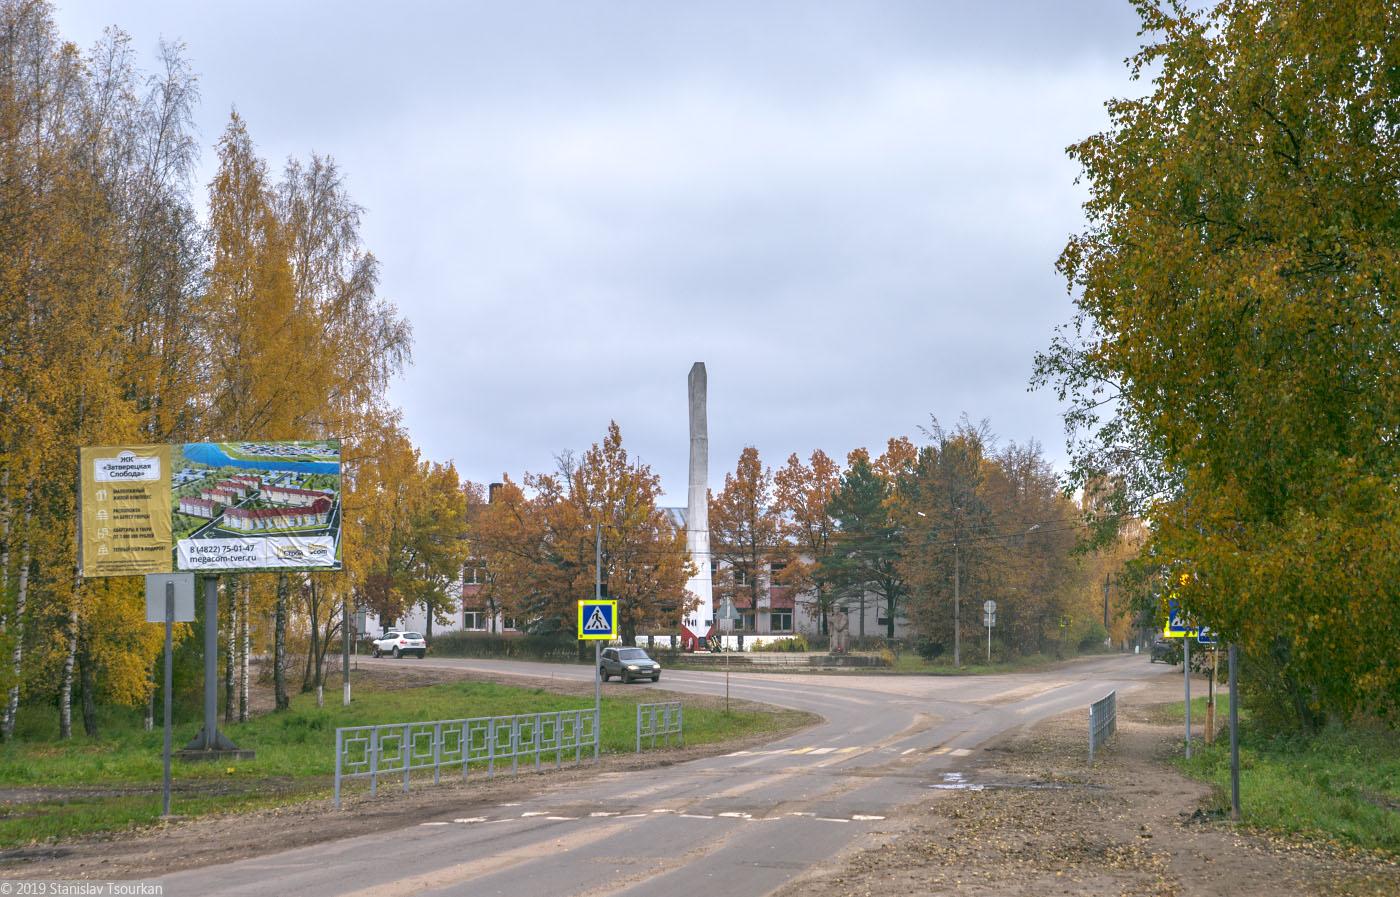 Весьегонск, Тверская область, районная администрация, администрация, мемориал, мемориал ВОВ